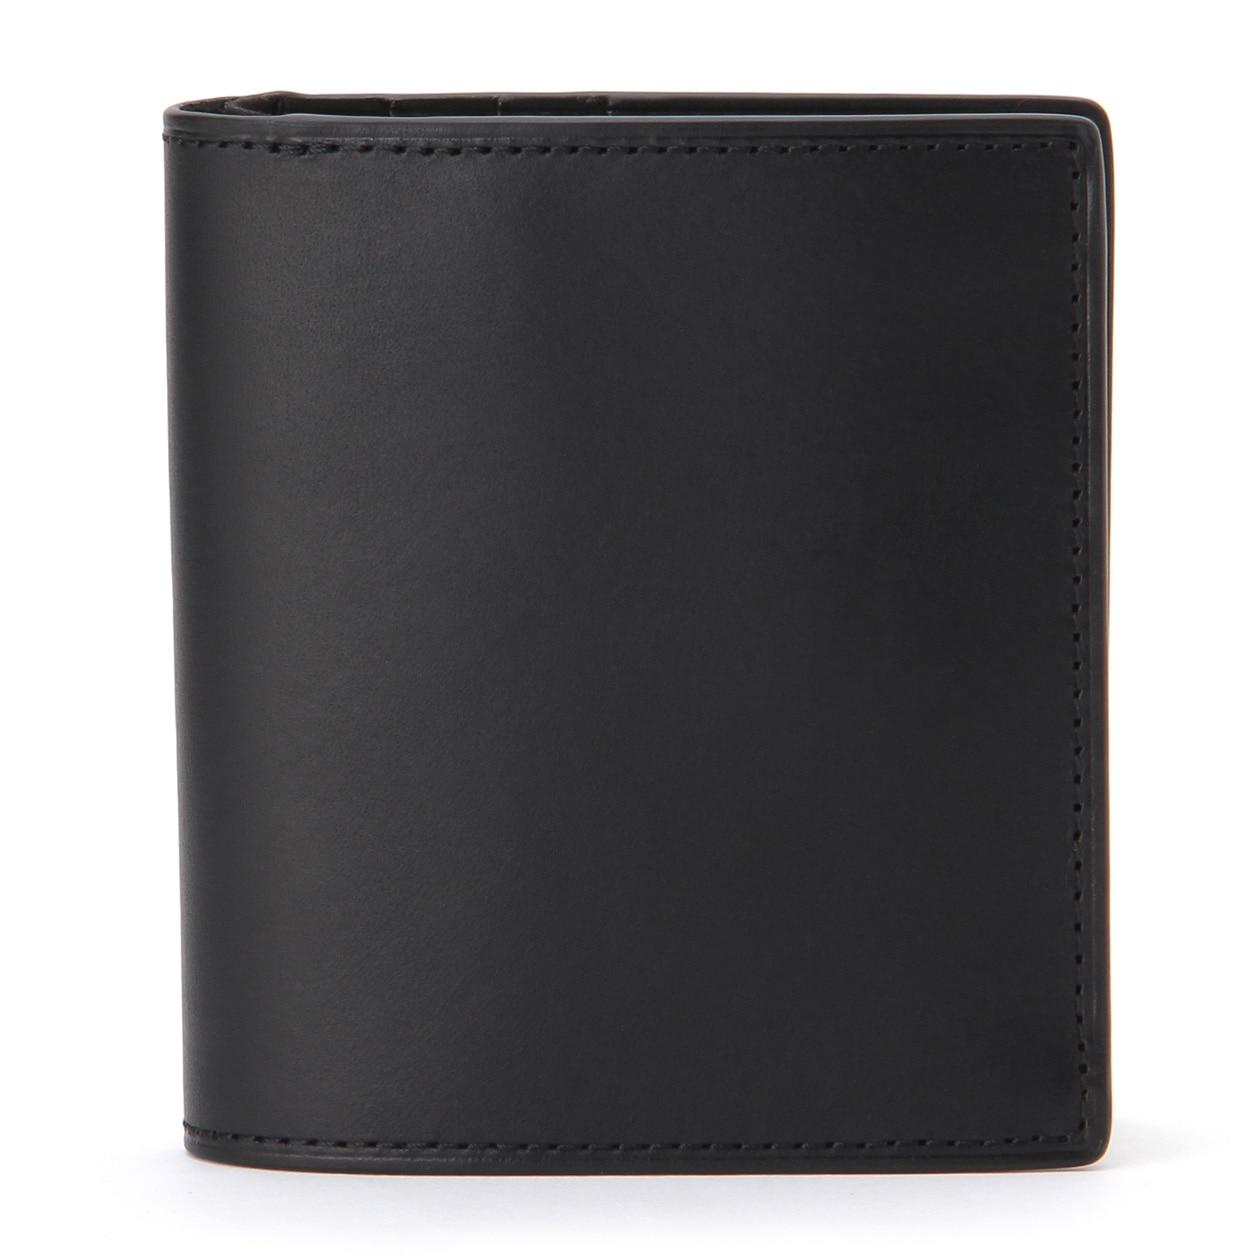 イタリア産ヌメ革二つ折り財布